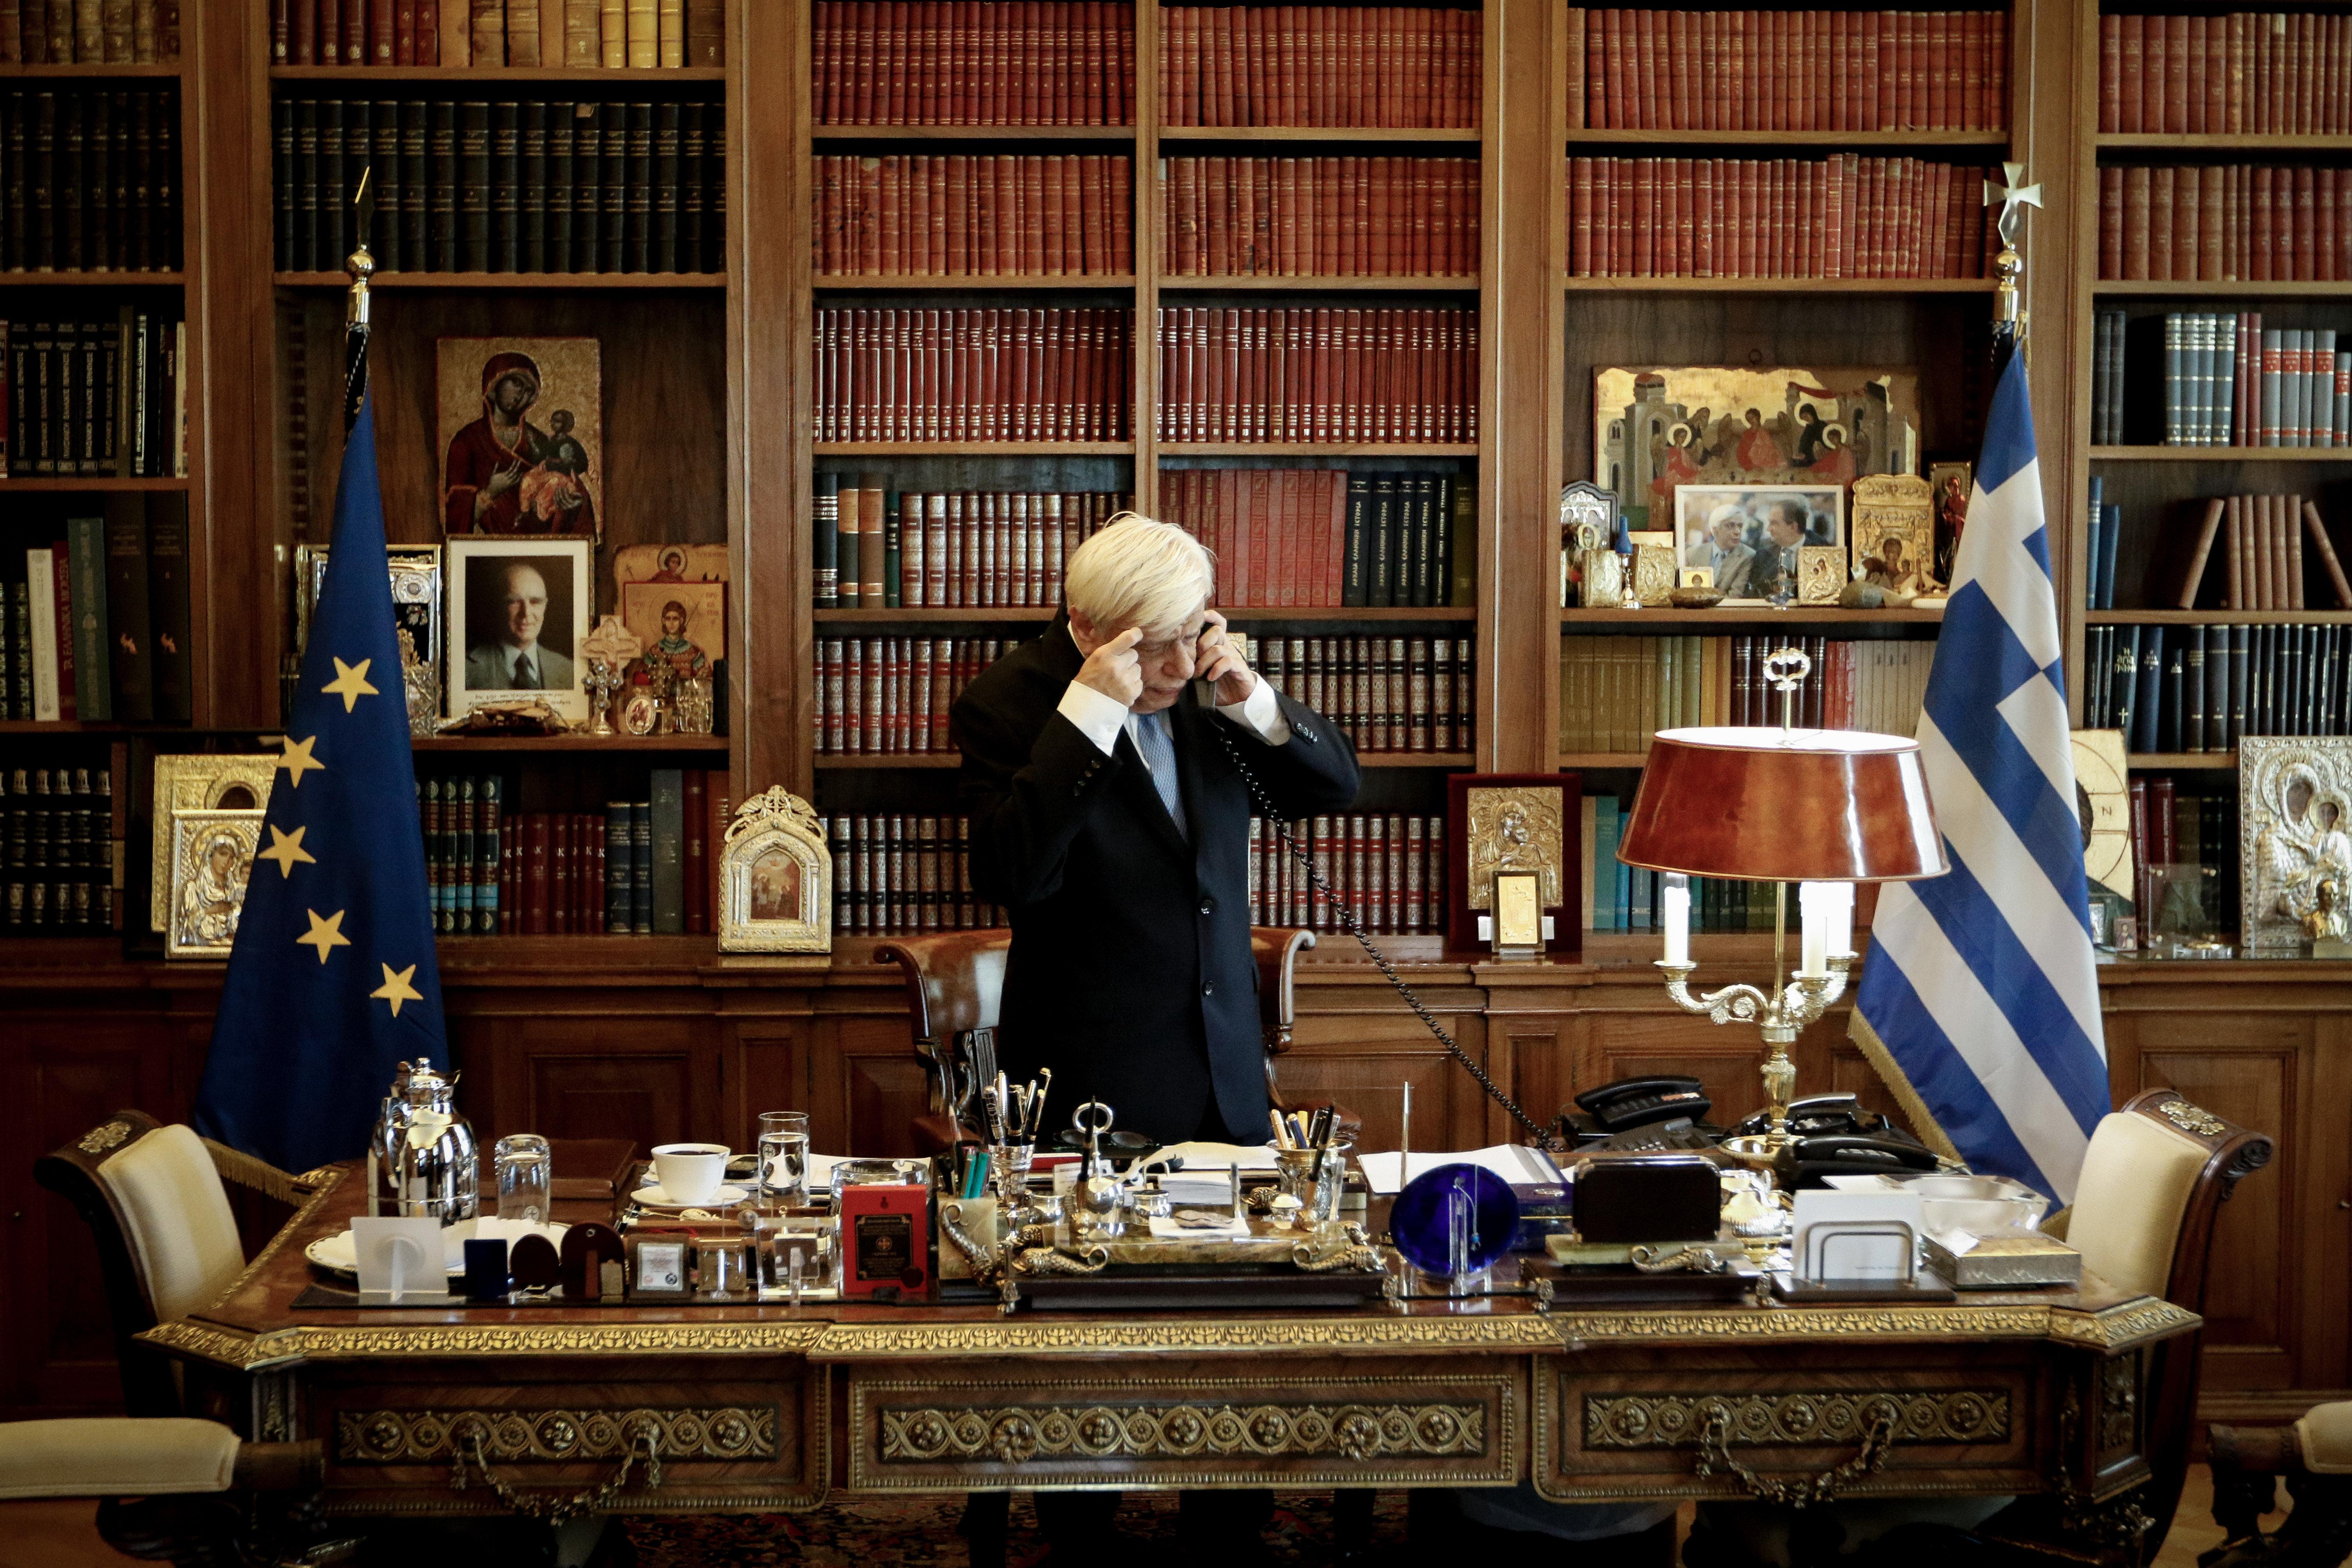 Αυστηρό μήνυμα Παυλόπουλου στην Τουρκία: Η Ελλάδα θα χρησιμοποιήσει κάθε μέσο για να υπερασπιστεί τους...